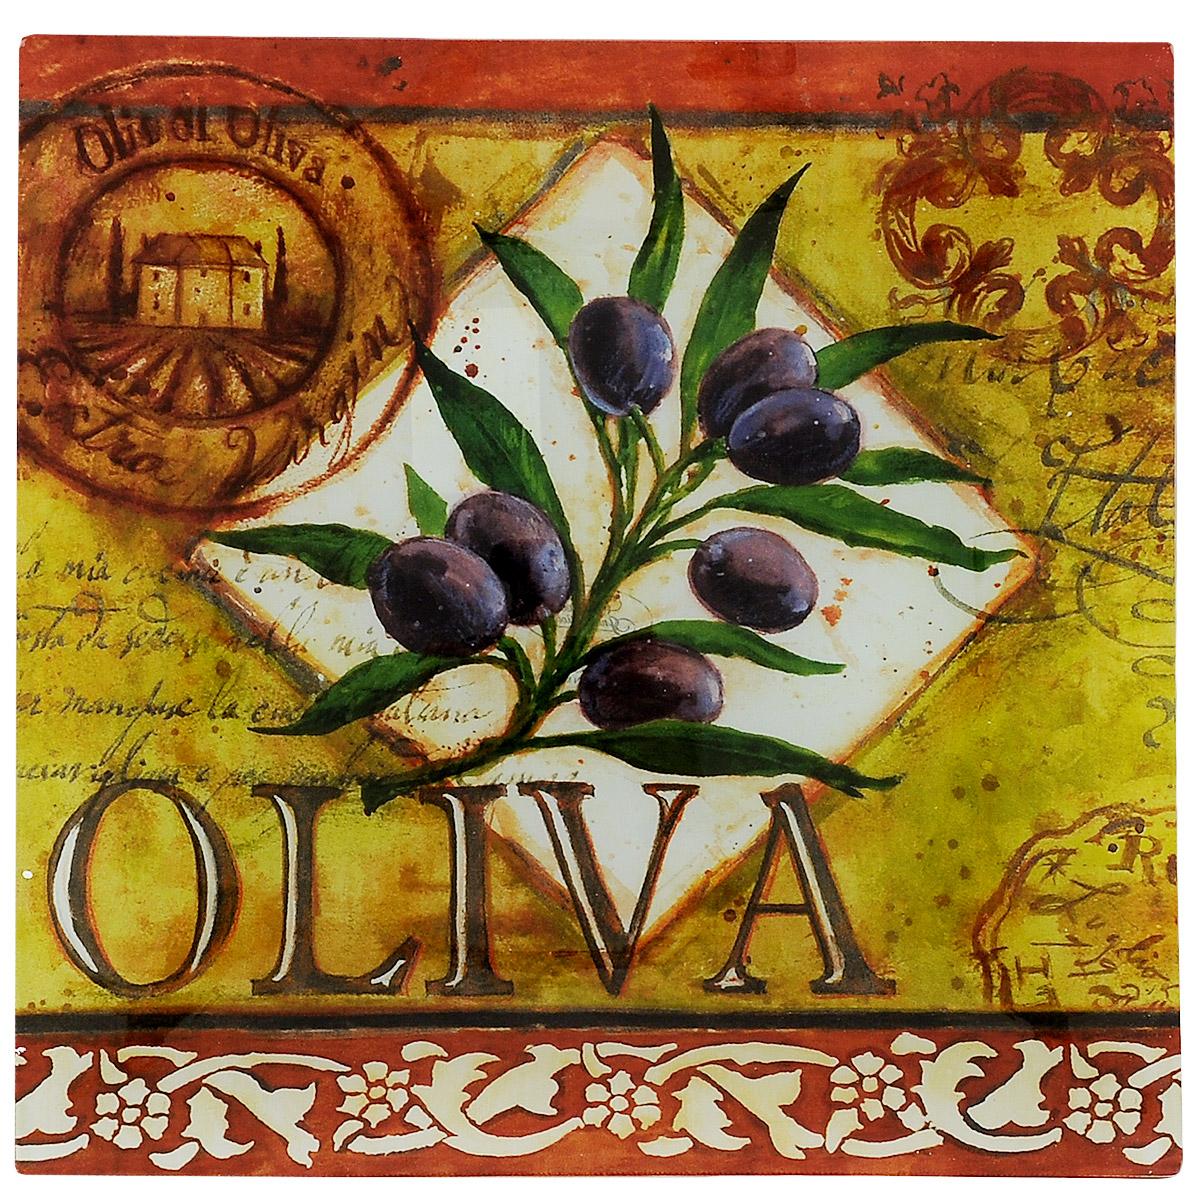 Блюдо Certified International Oliva, 35 см х 35 см94672Изящное квадратное блюдо Certified International Oliva выполнено из прочного стекла и оформлено изображением ветки оливы. Блюдо прекрасно подойдет для сервировки различных блюд. Такое блюдо прекрасно оформит праздничный стол и станет желанным подарком для любой хозяйки. Размер: 35 см х 35 см х 2 см.